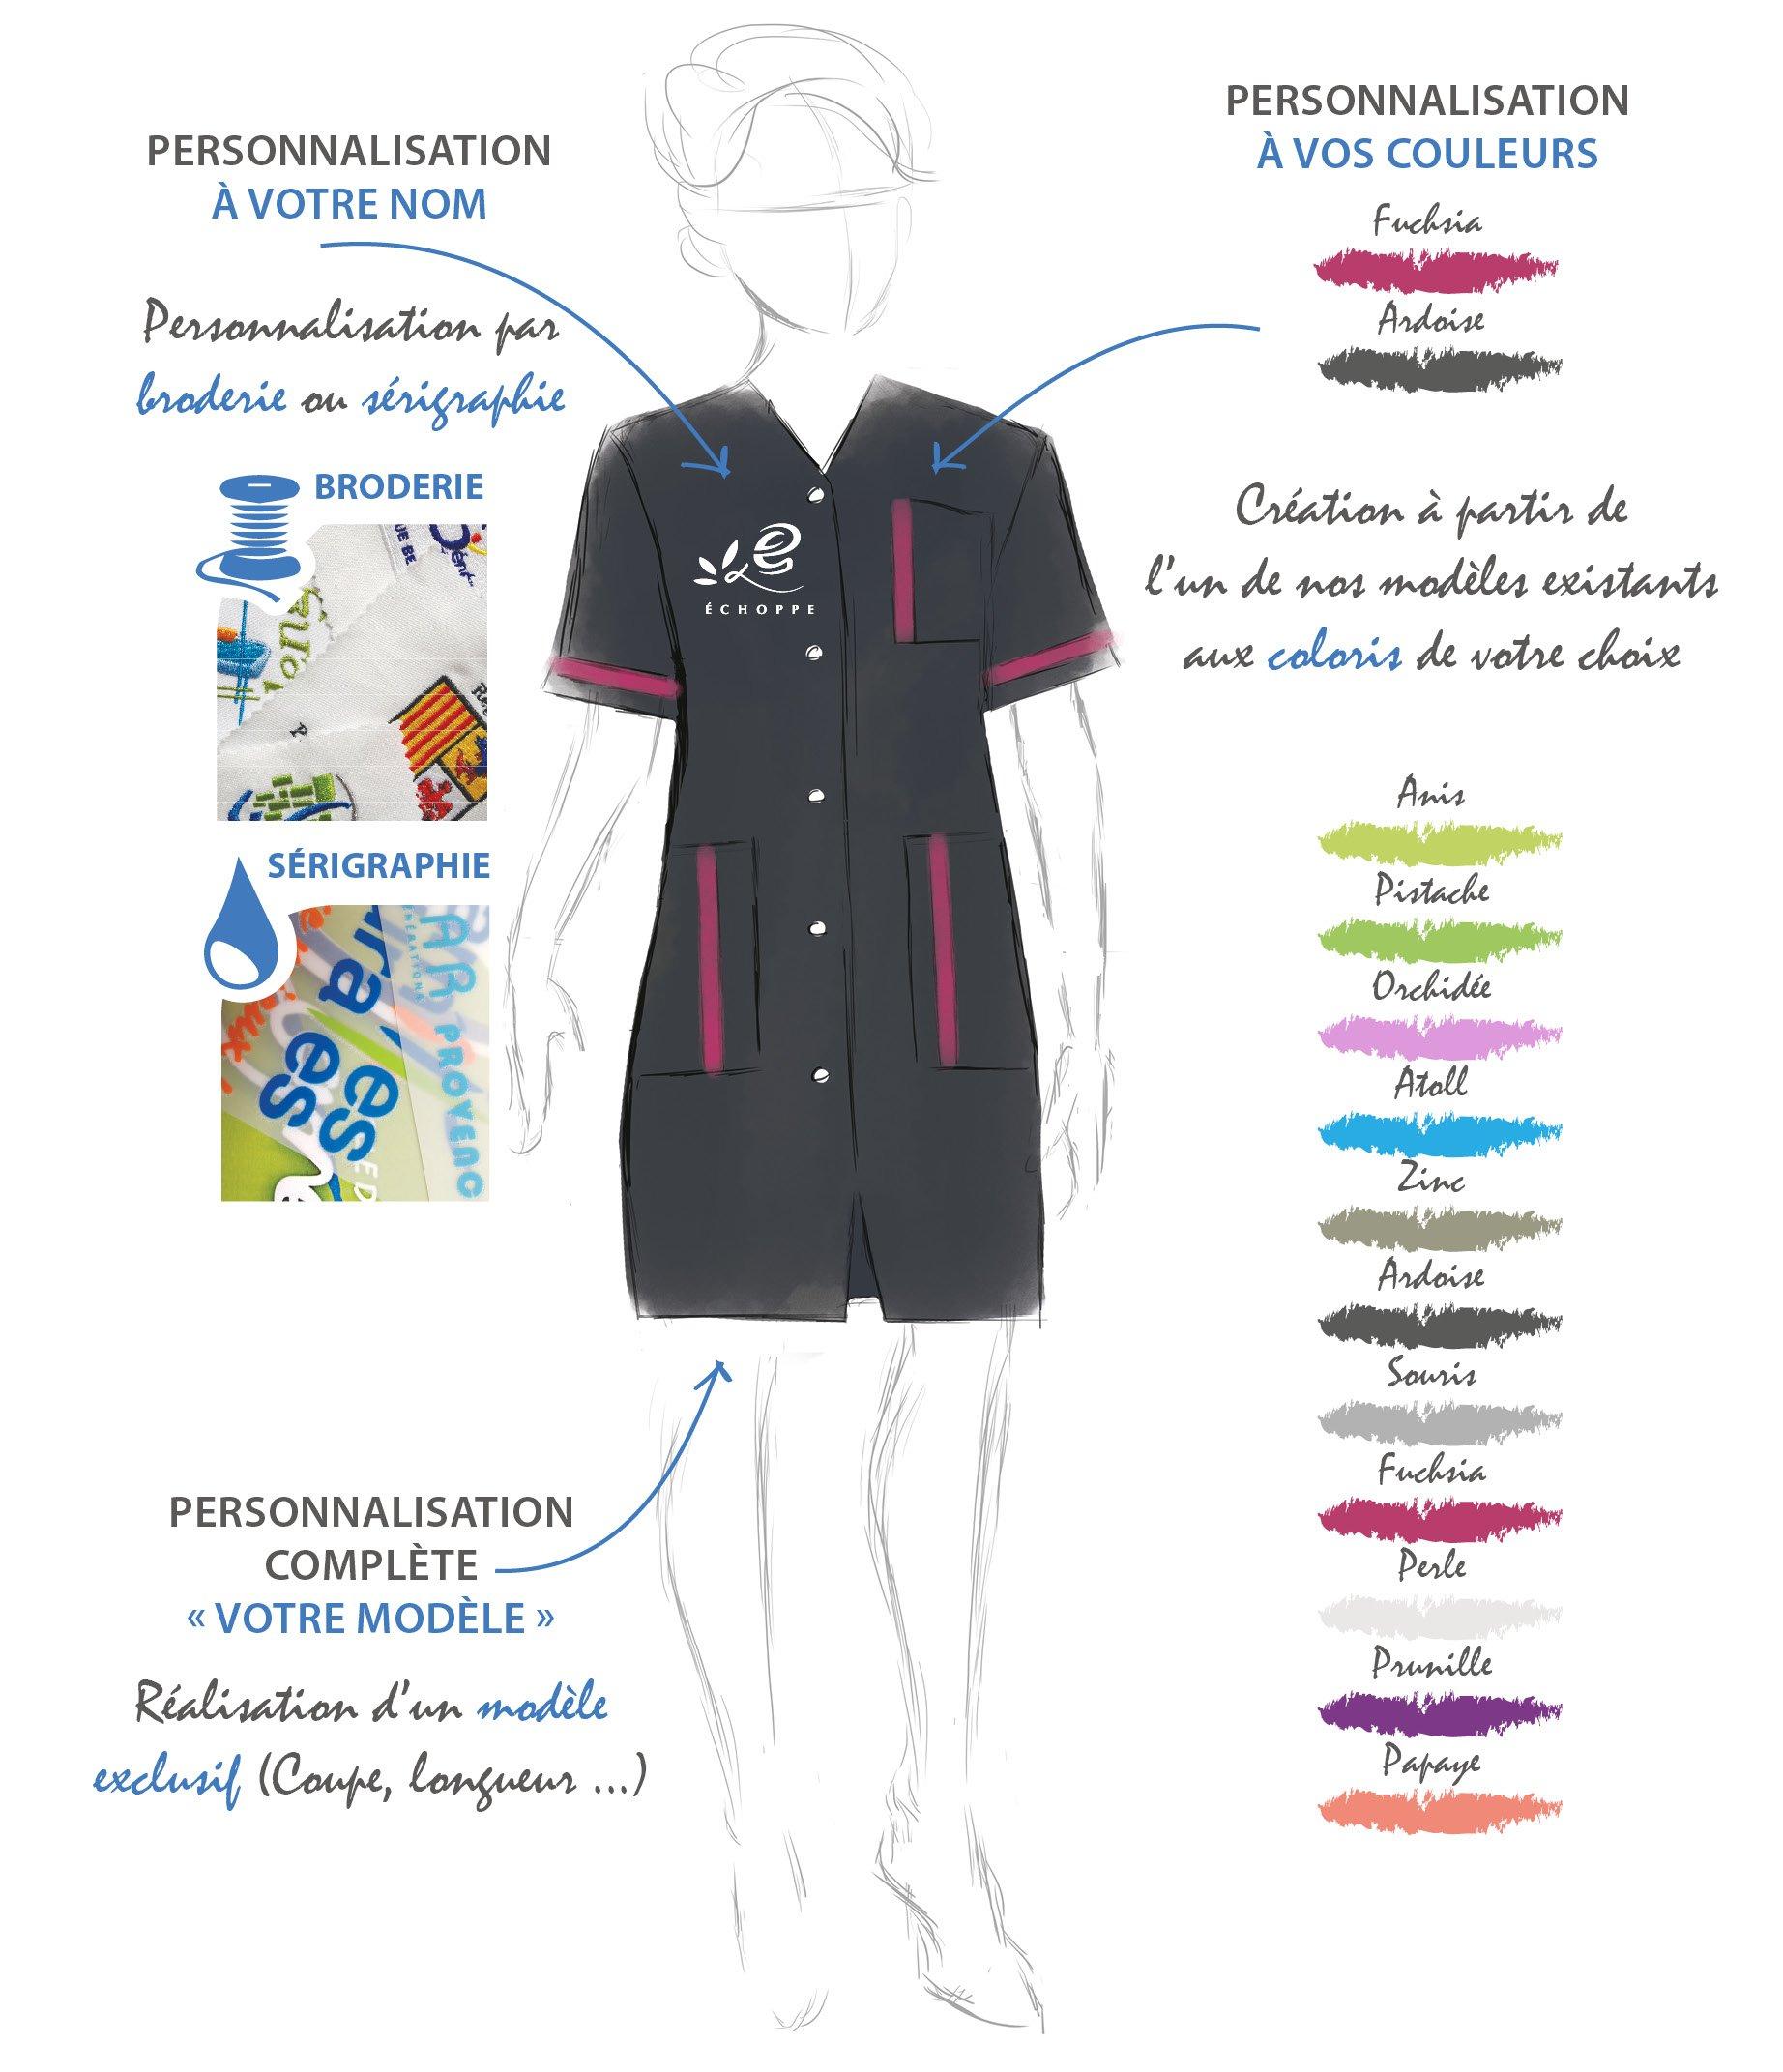 un vêtement à votre image avec la personnalisation à votre nom, la personnalisation à vos couleurs et la personnalisation complète